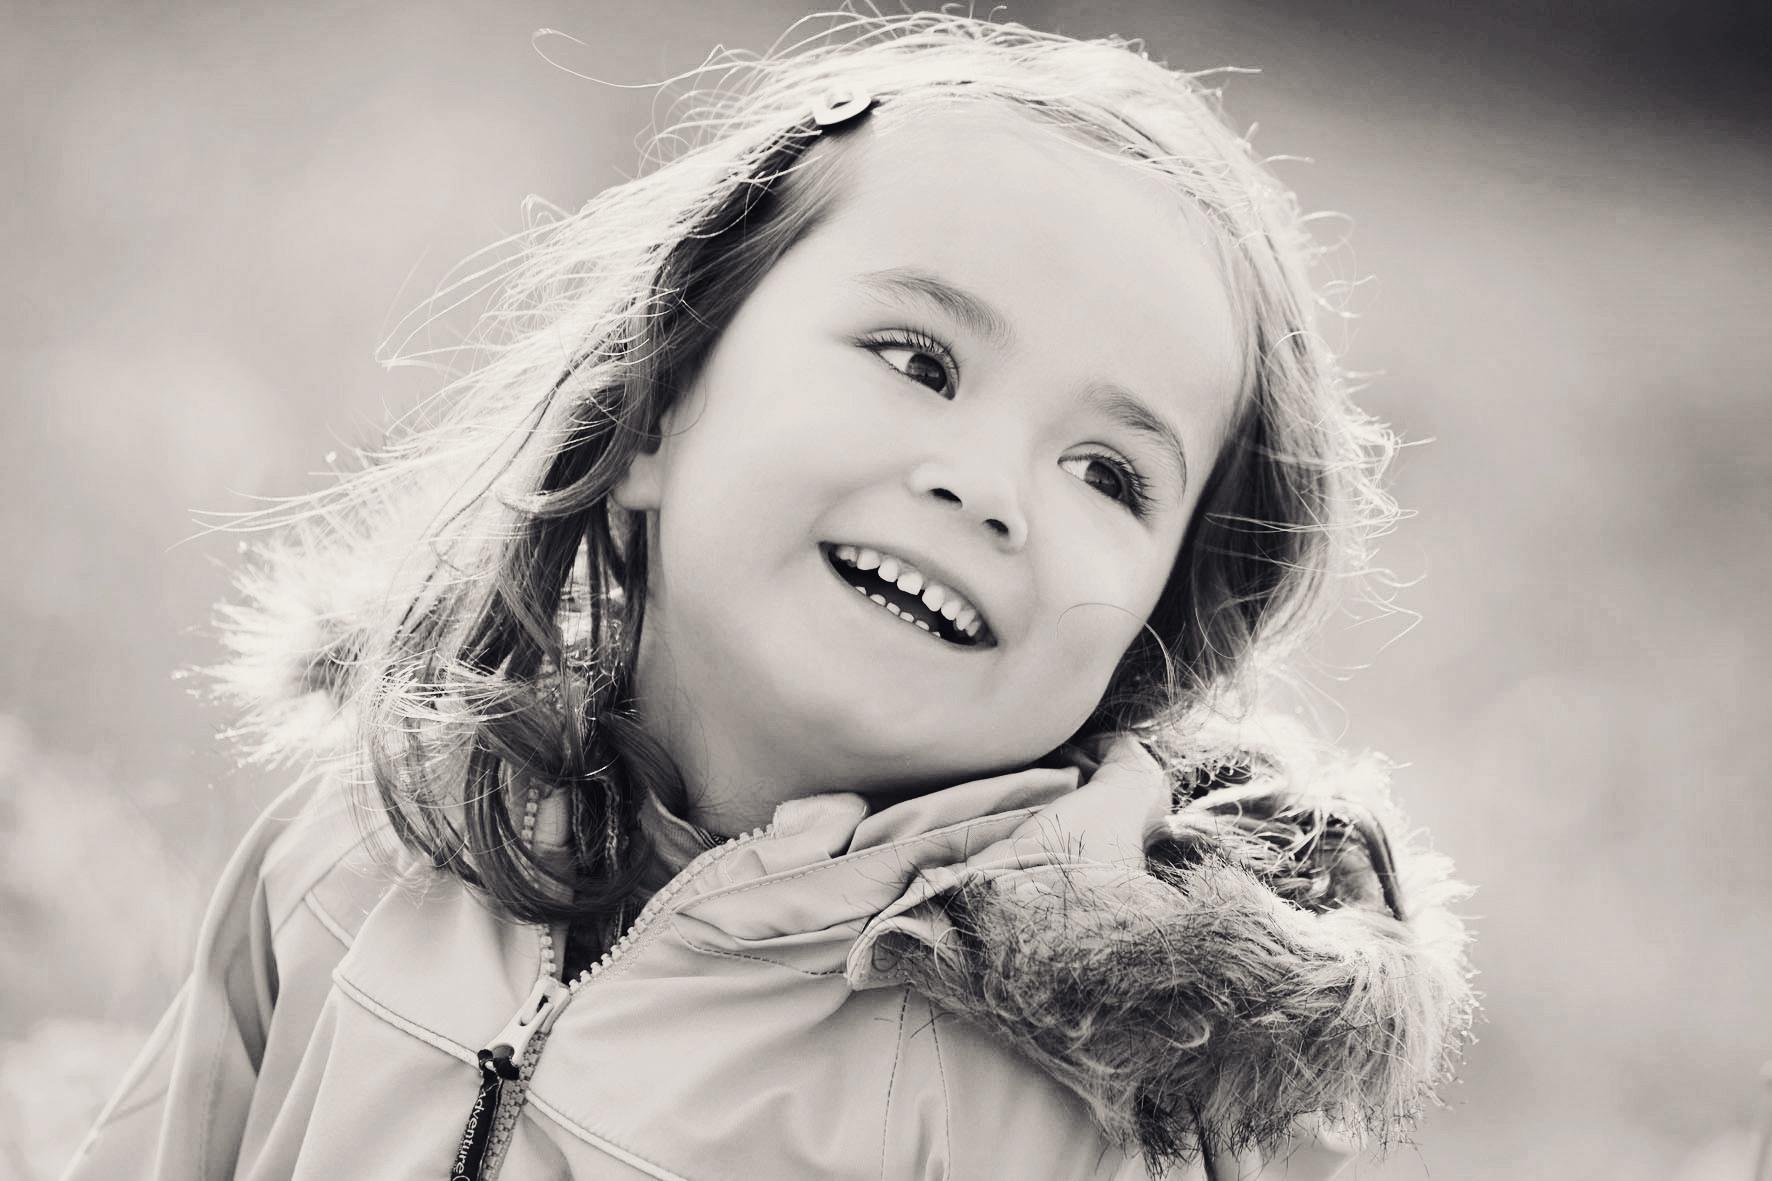 LAURA_MATHILDE_SOFIA_V0271_SH_WEB.jpg